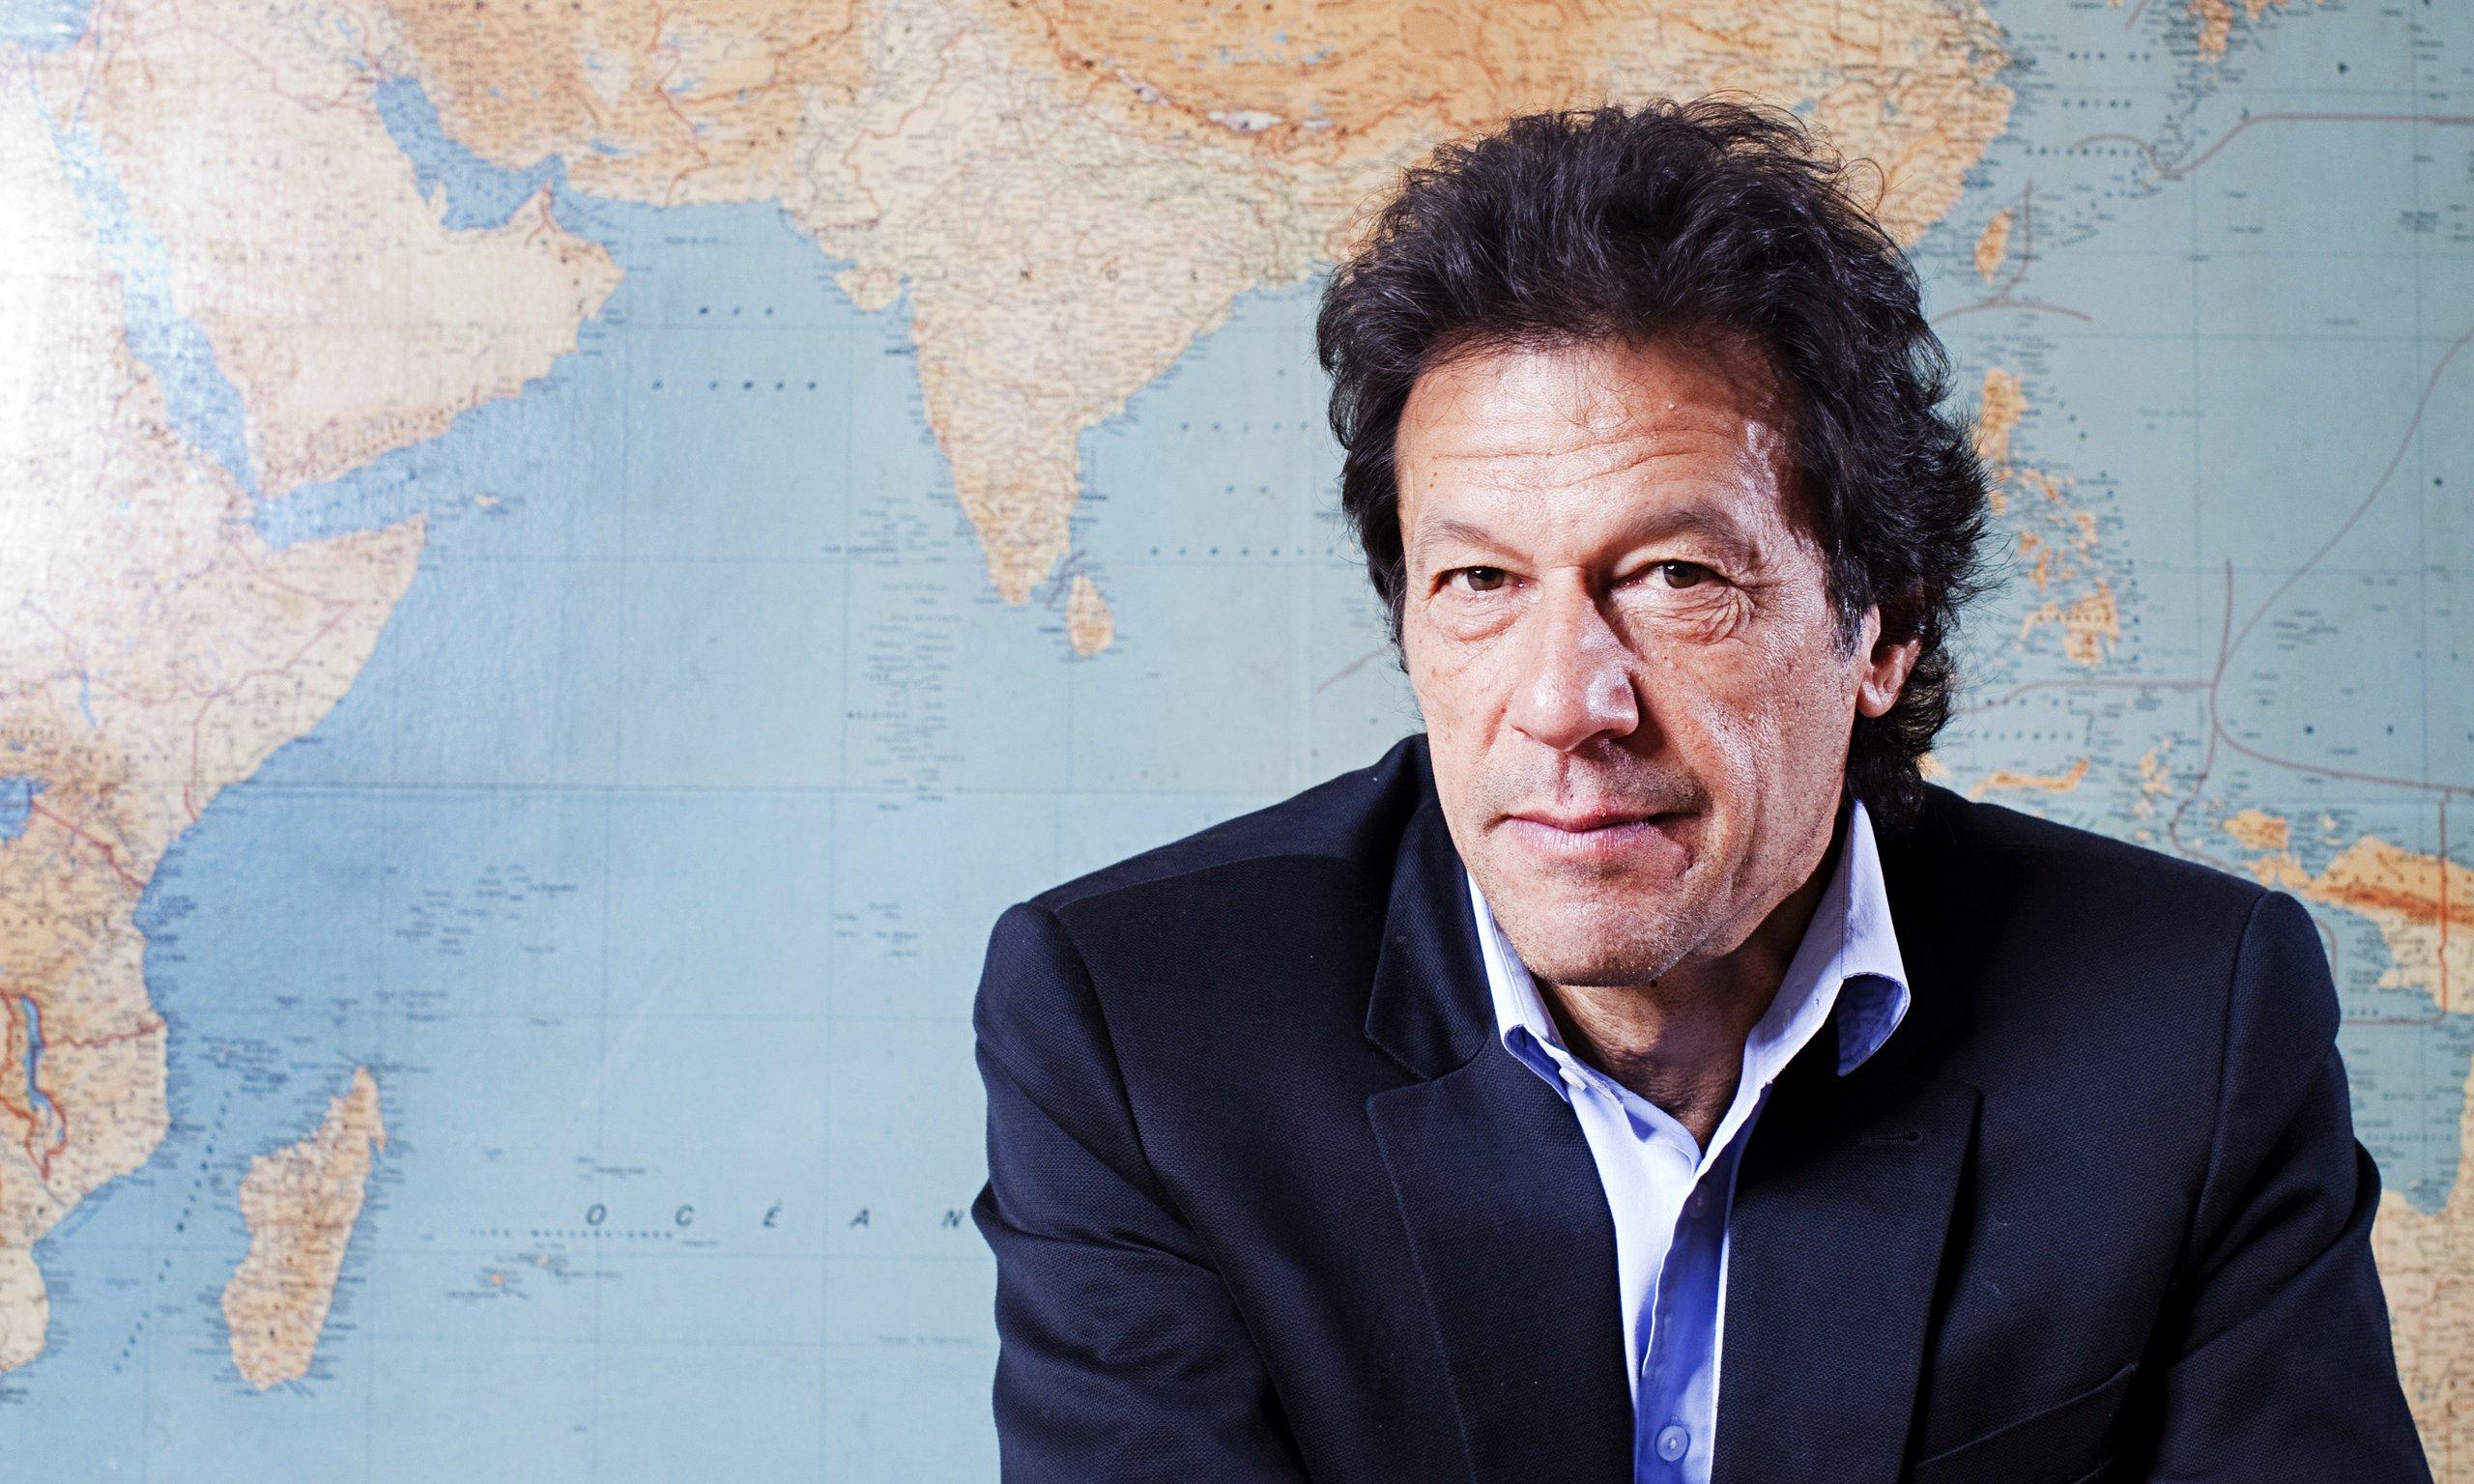 Имран Хан принёс присягу в качестве премьера Пакистана